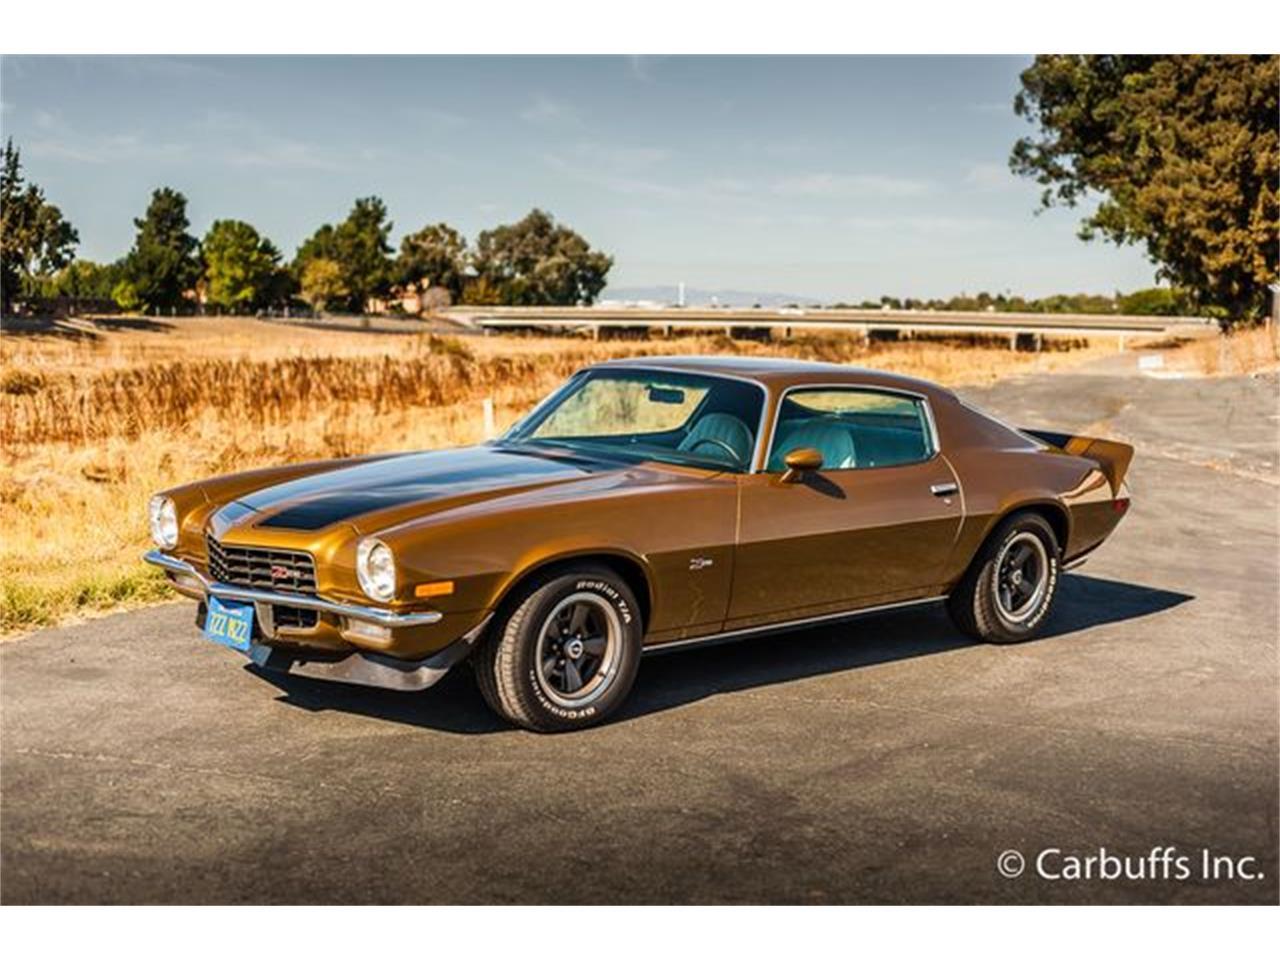 For Sale: 1972 Chevrolet Camaro in Concord, California